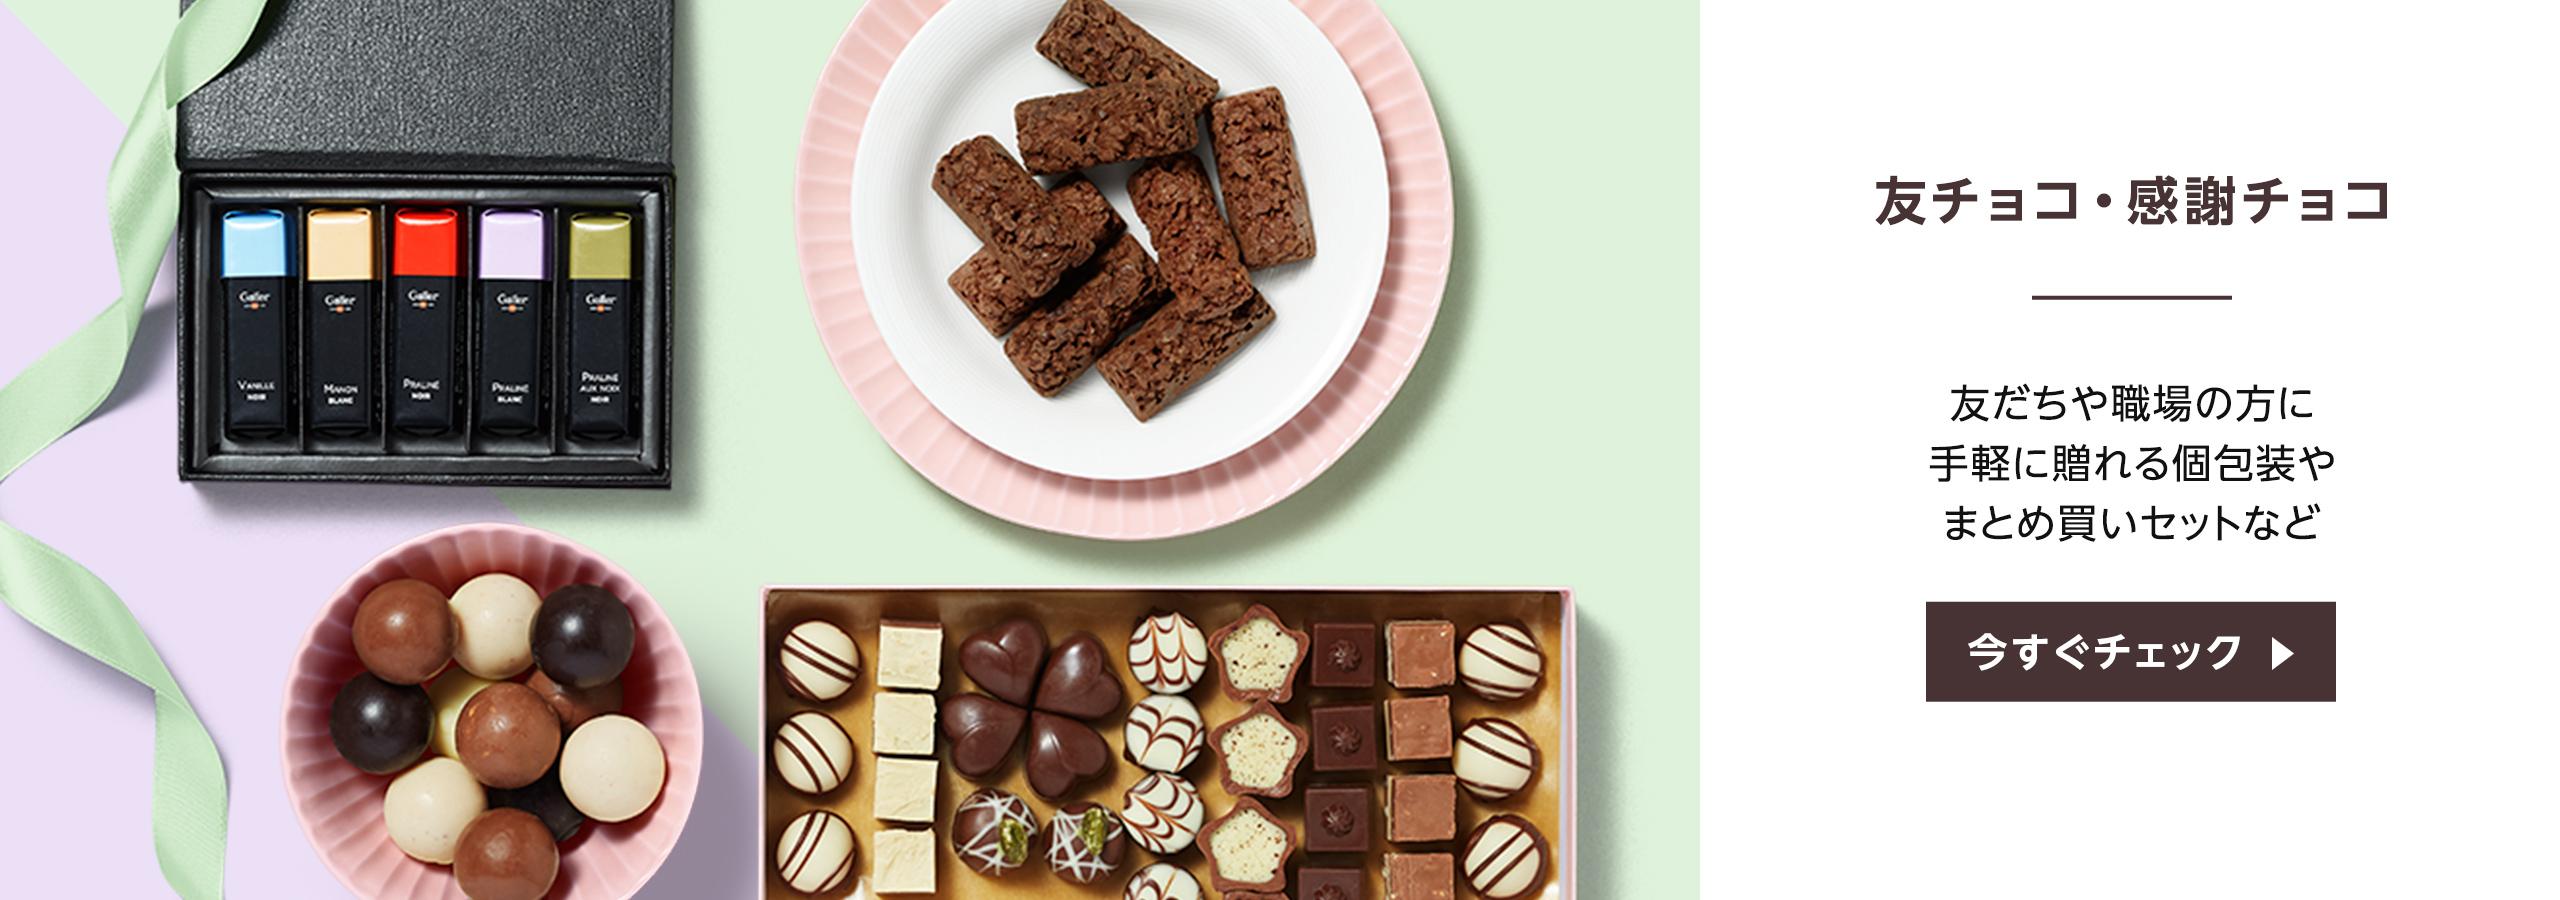 職場の同僚・上司へのプレゼントにぴったりなブランドチョコレートをはじめ、友だちに手軽に贈れる大容量・個包装のチョコレートまで豊富に取りそろえました